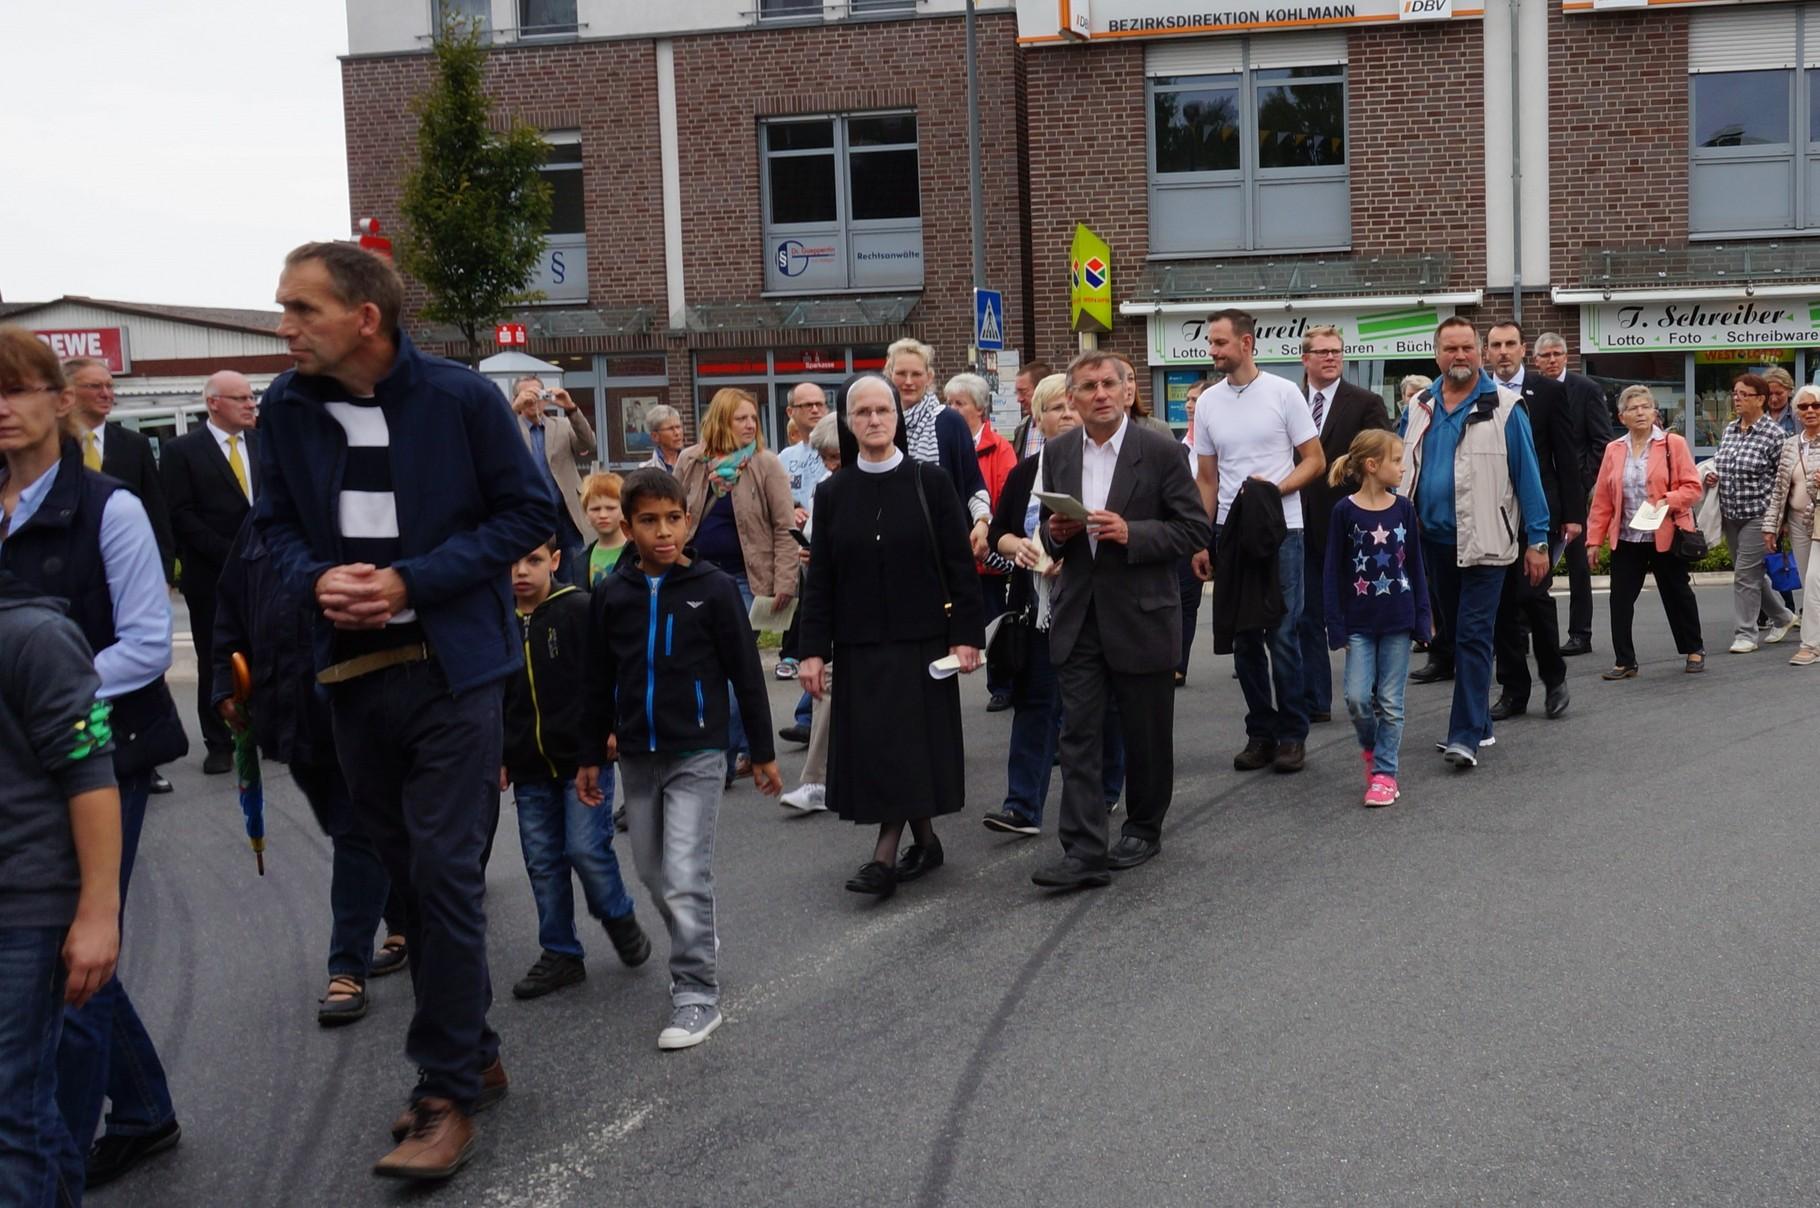 Prozession der Gläubigen vorbei an den Reliquien